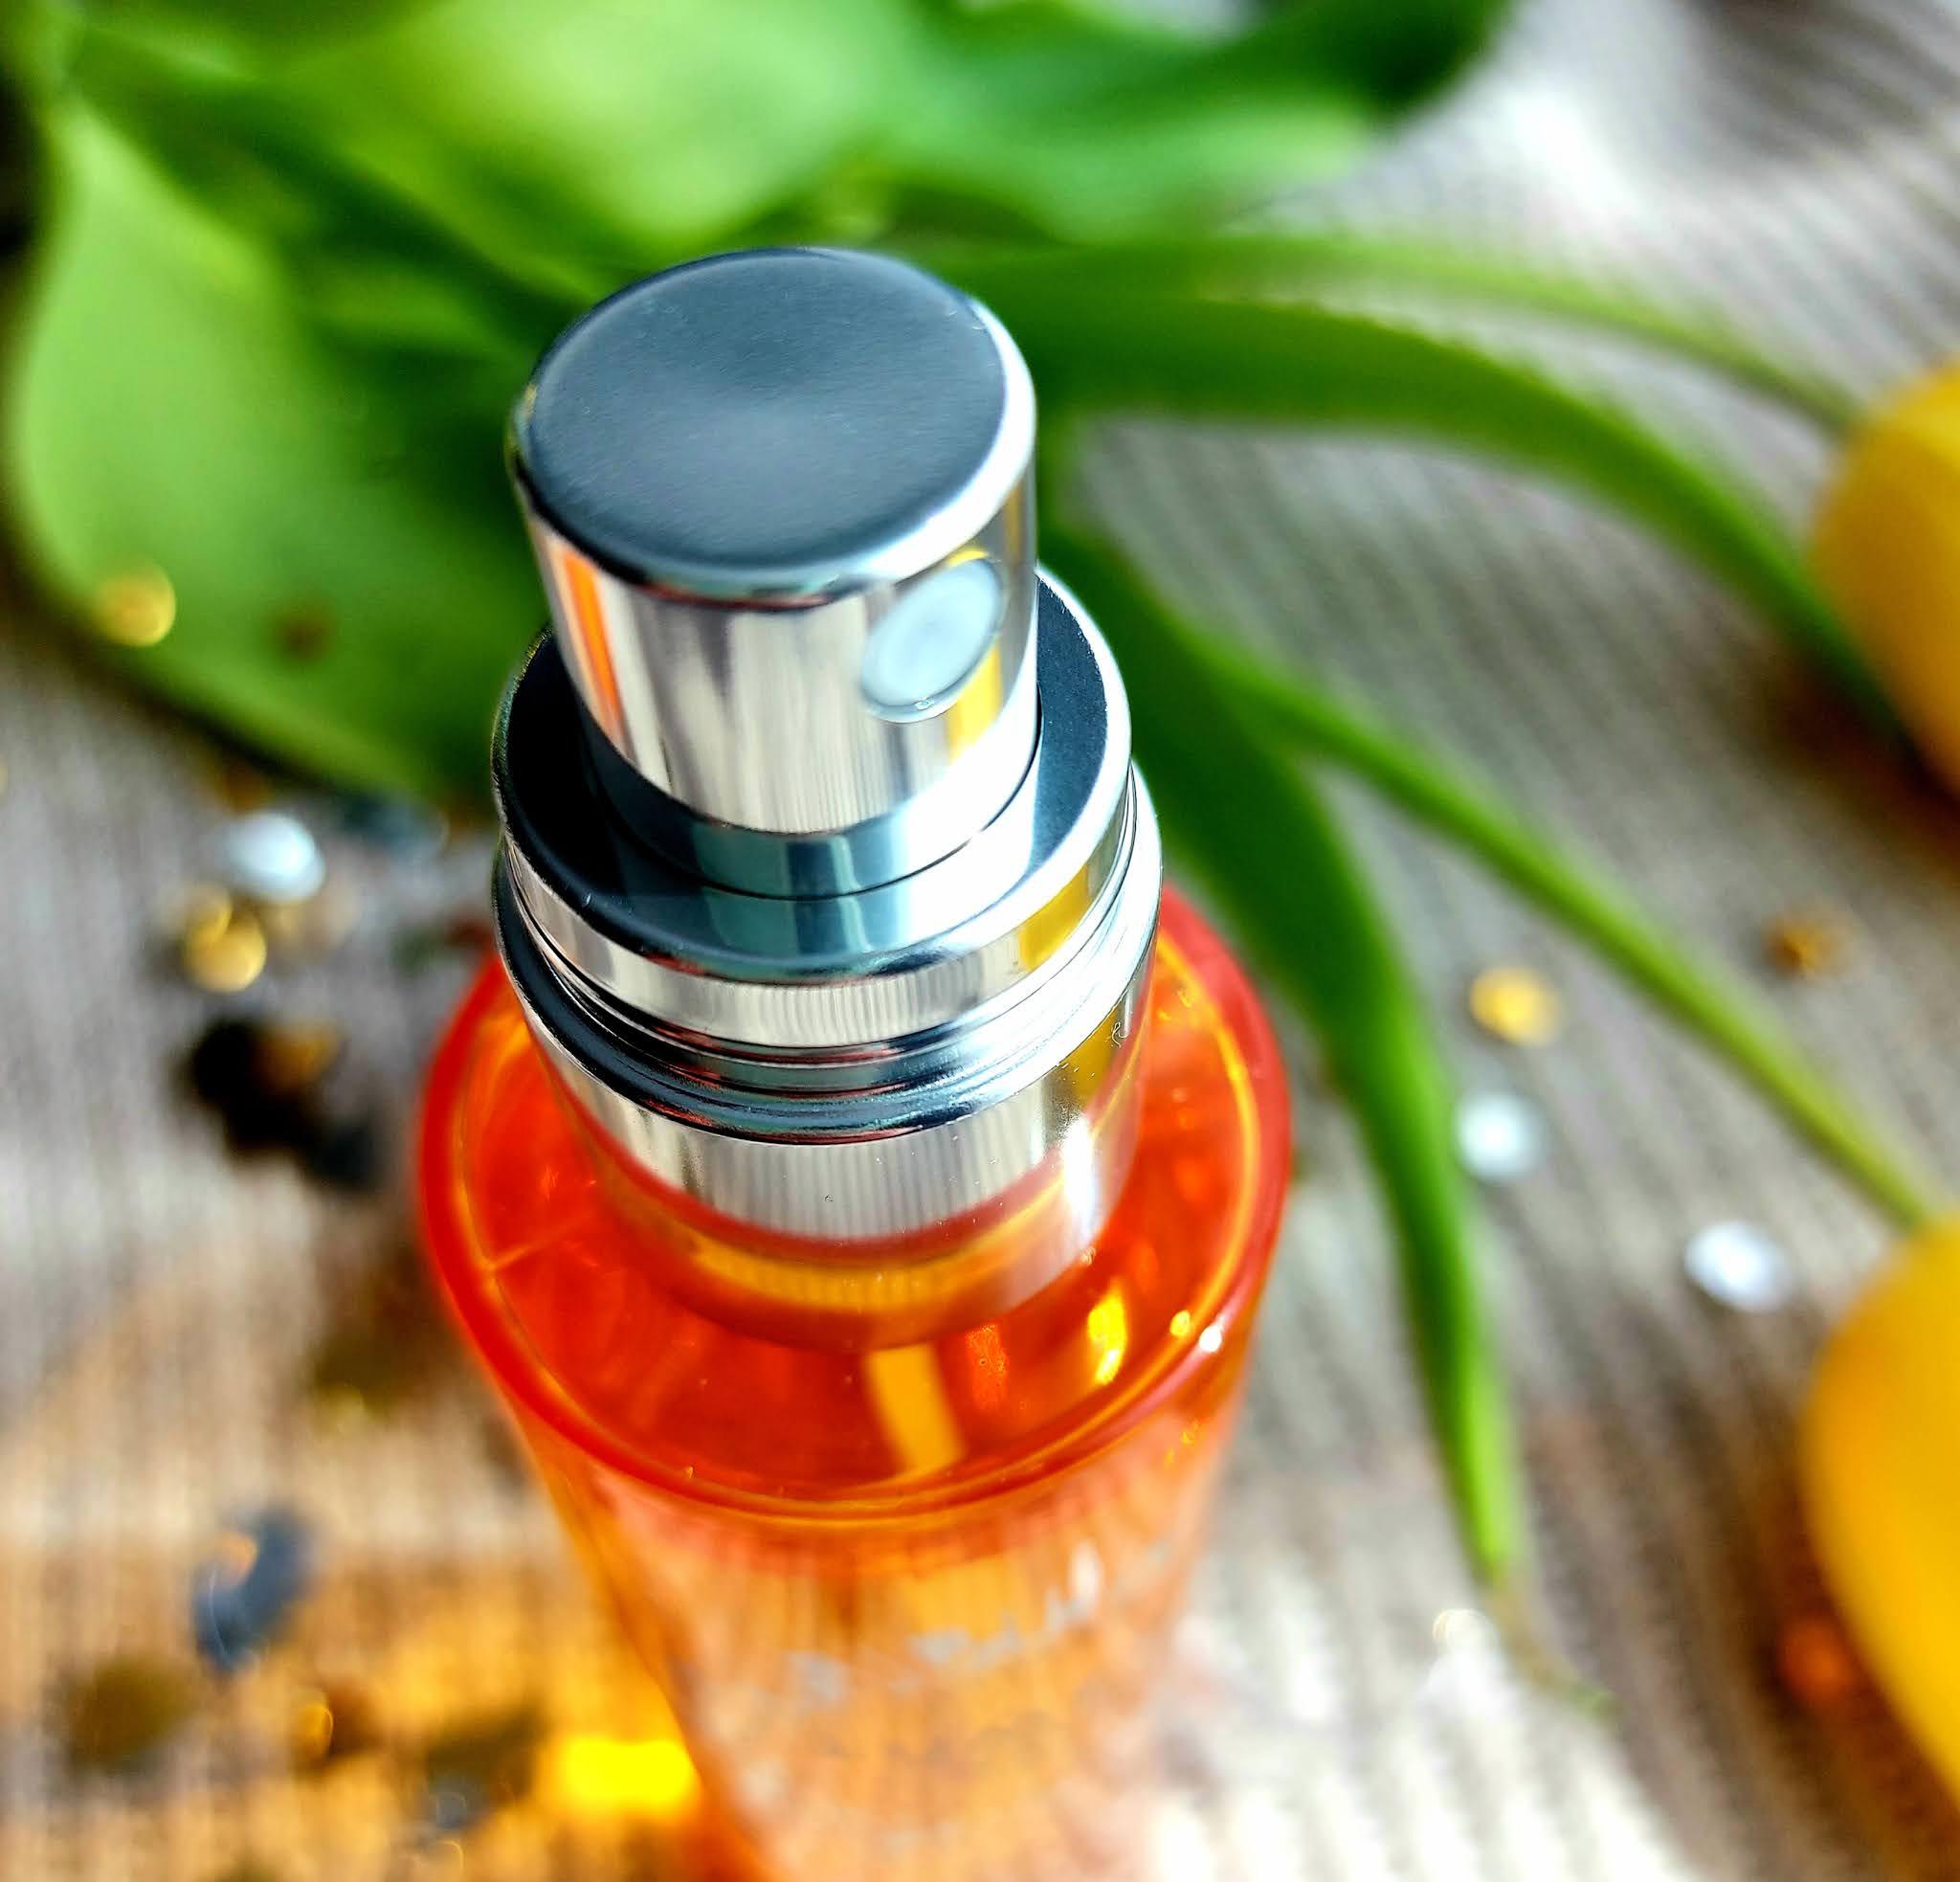 Lumene Valo Glow Refresh Hydrating Mist - rozświetlająca mgiełka z witaminą C Aneta Lason Beauty Talks